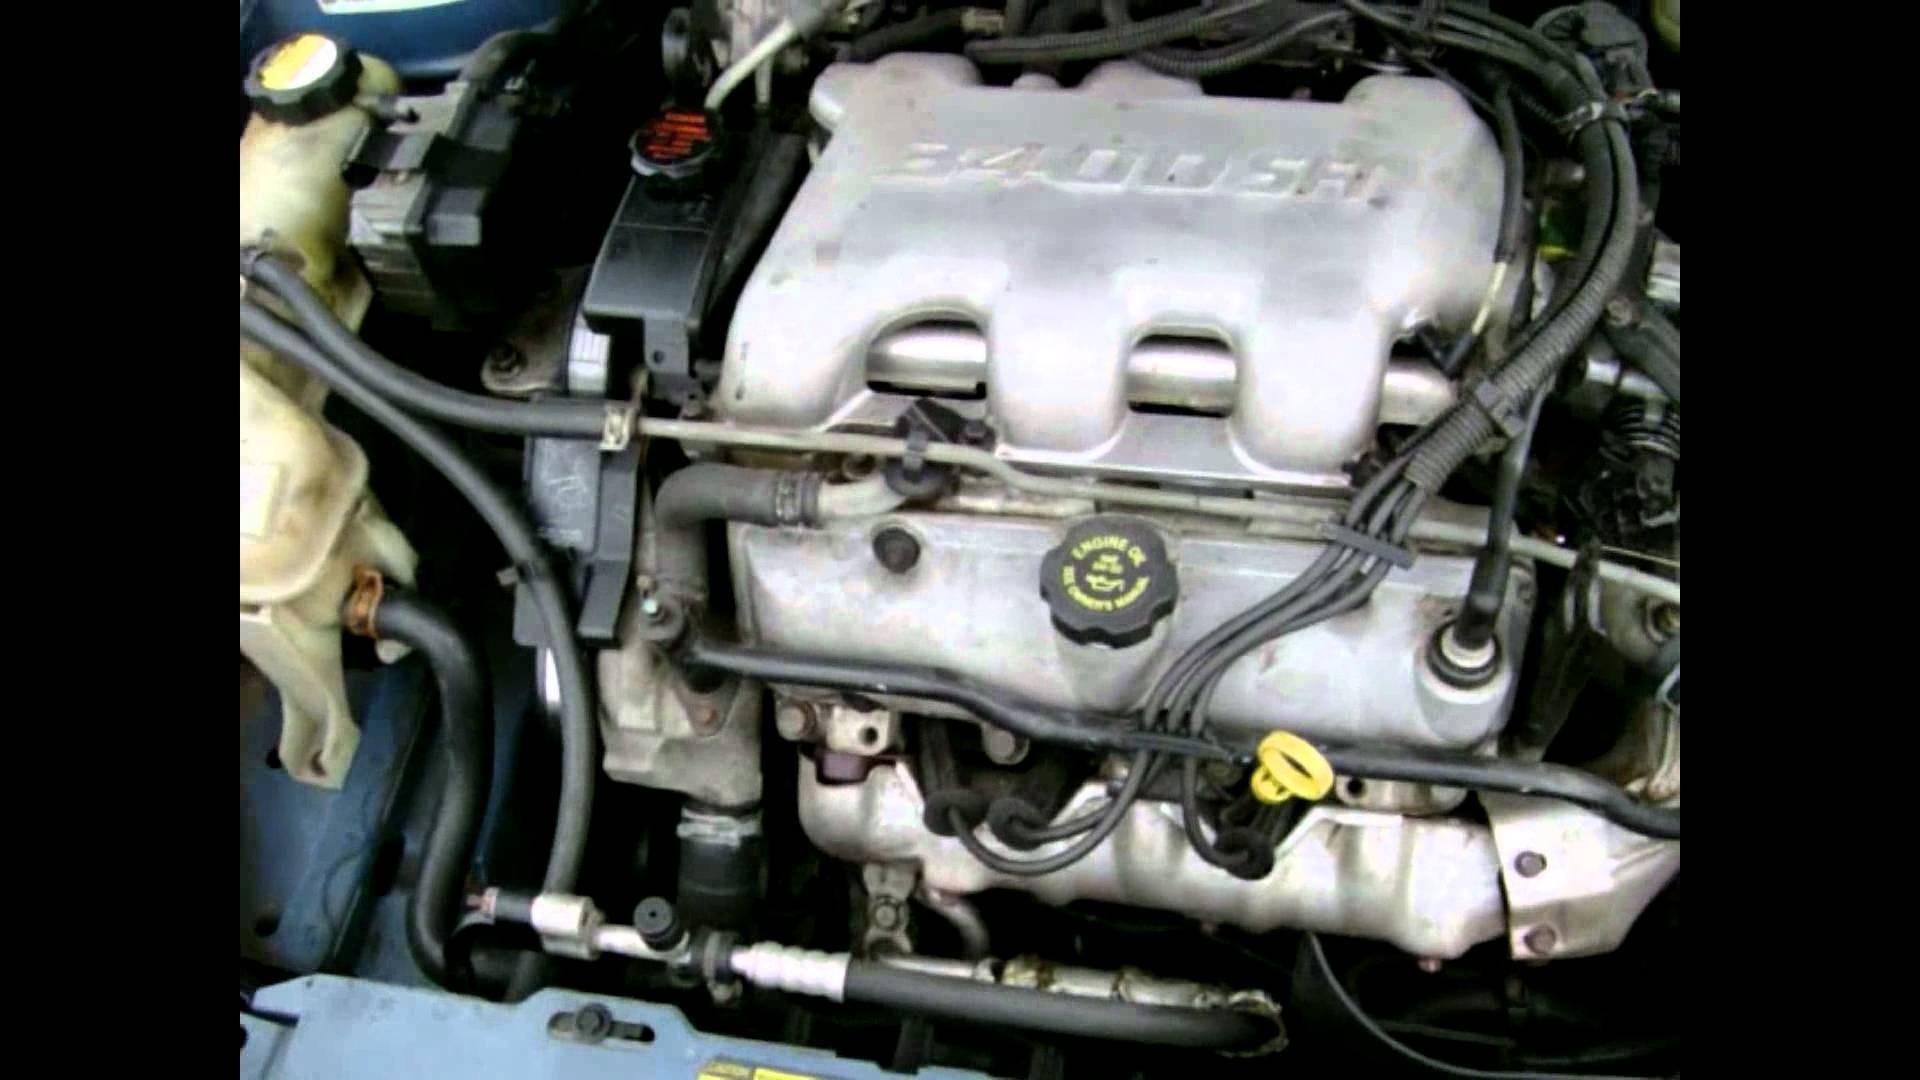 2000 Pontiac Montana Engine Diagram Cat 3400 Engine Diagram Car Wiring Diagrams Explained • Of 2000 Pontiac Montana Engine Diagram